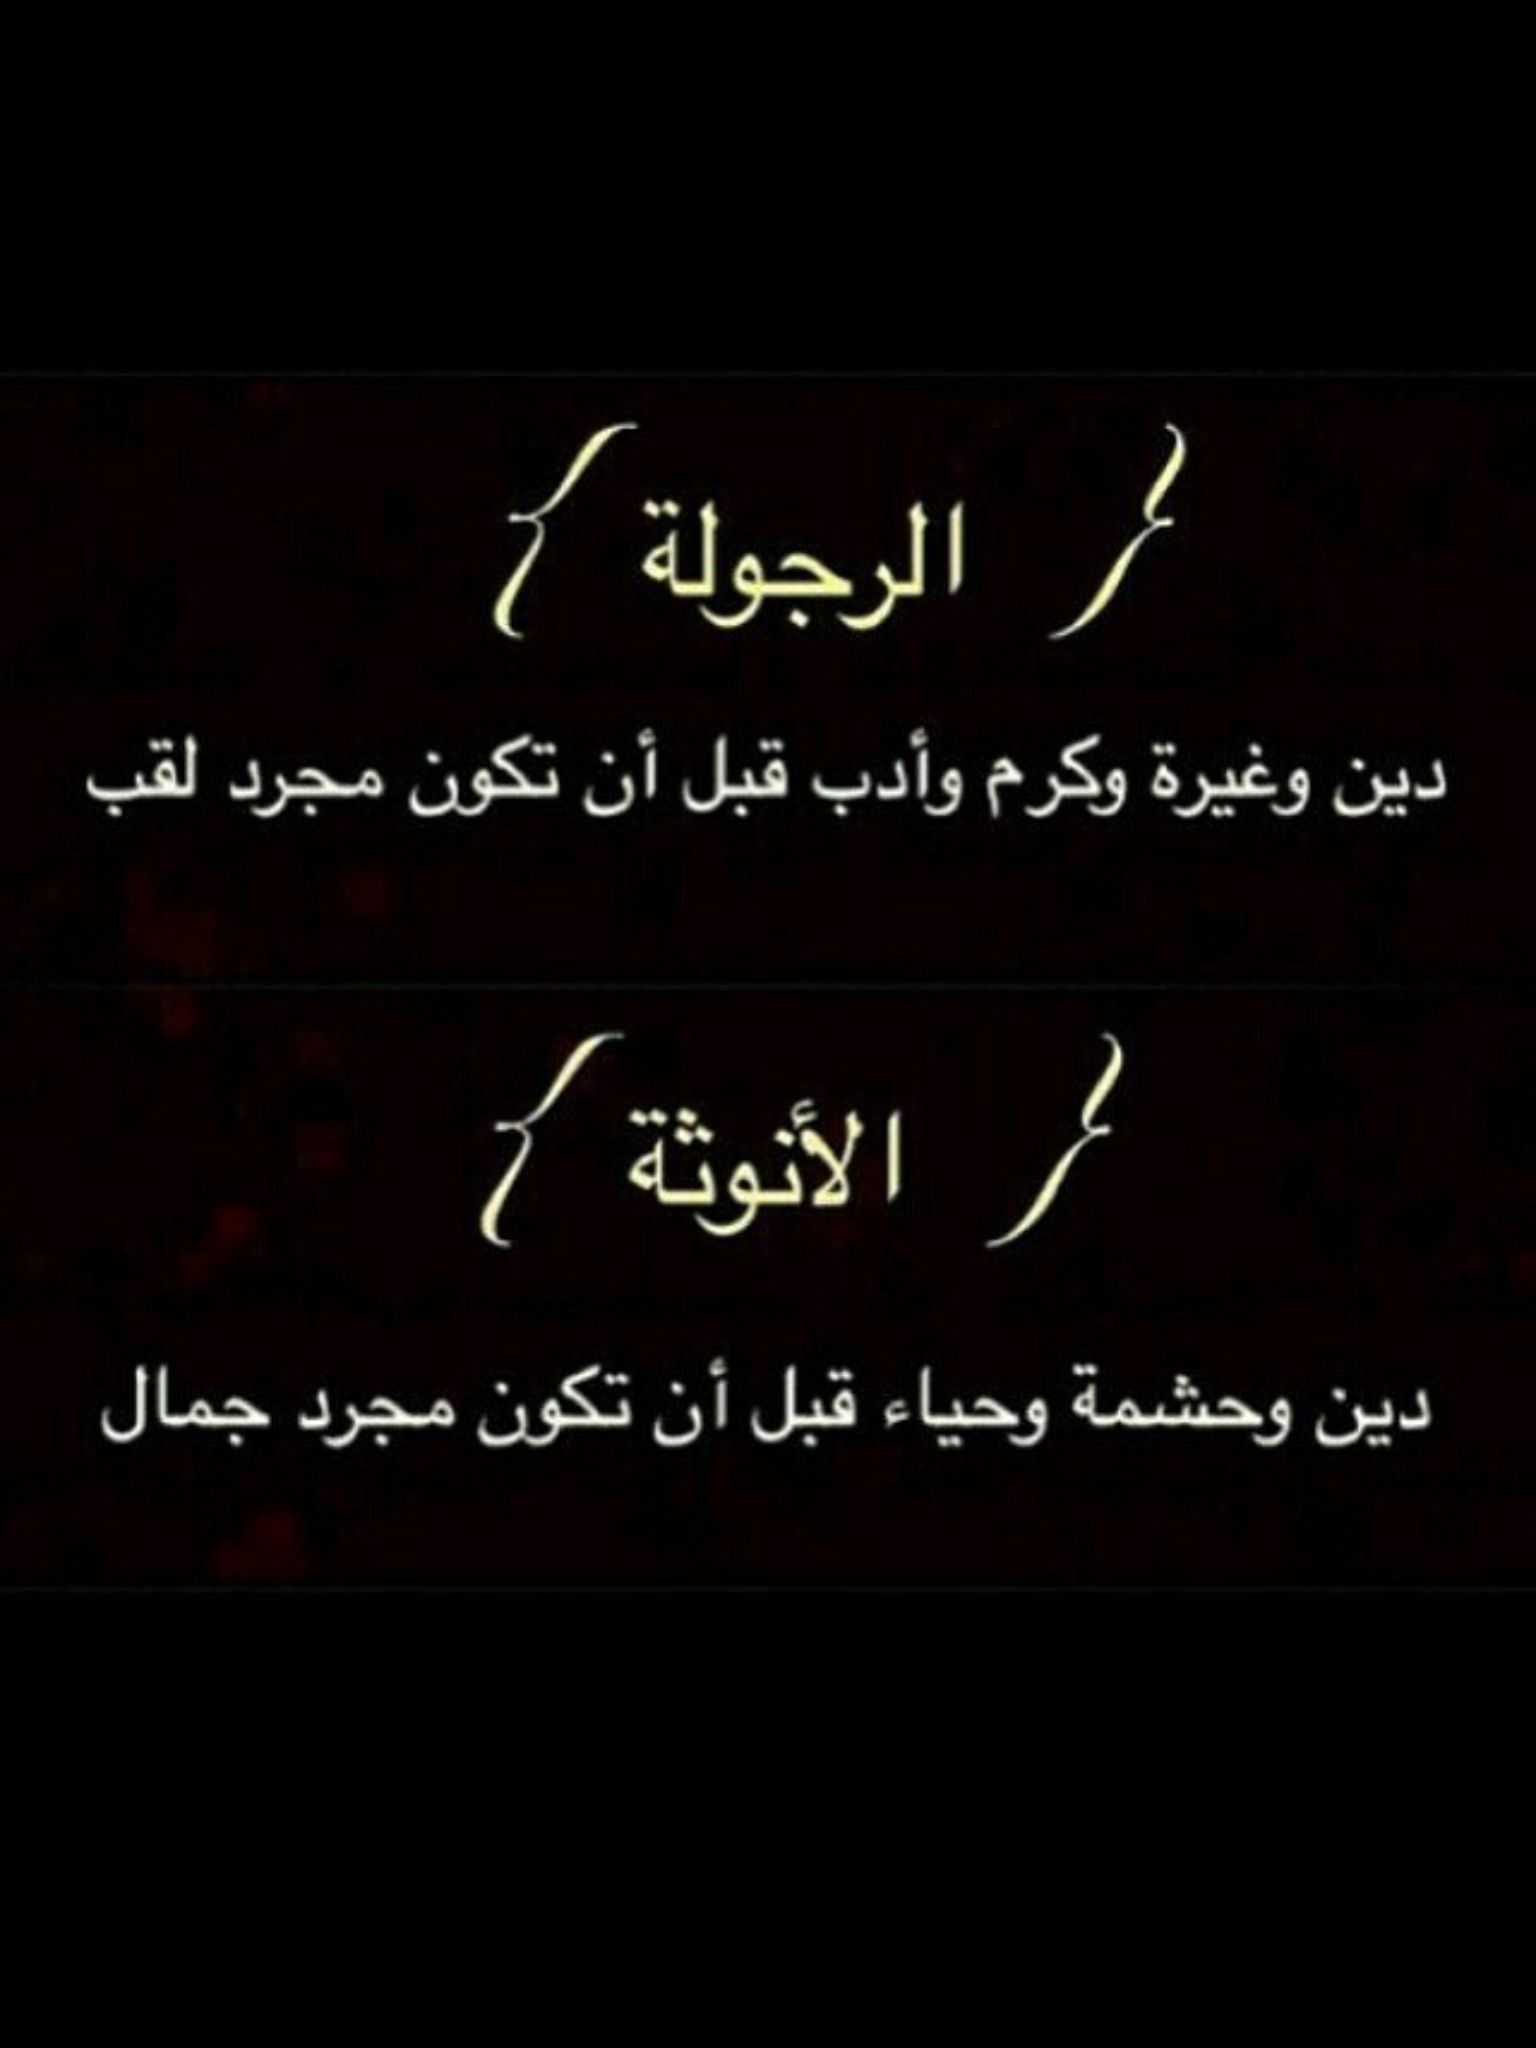 الرجولة والأنوثة Beautiful Arabic Words Arabic Quotes Love Words